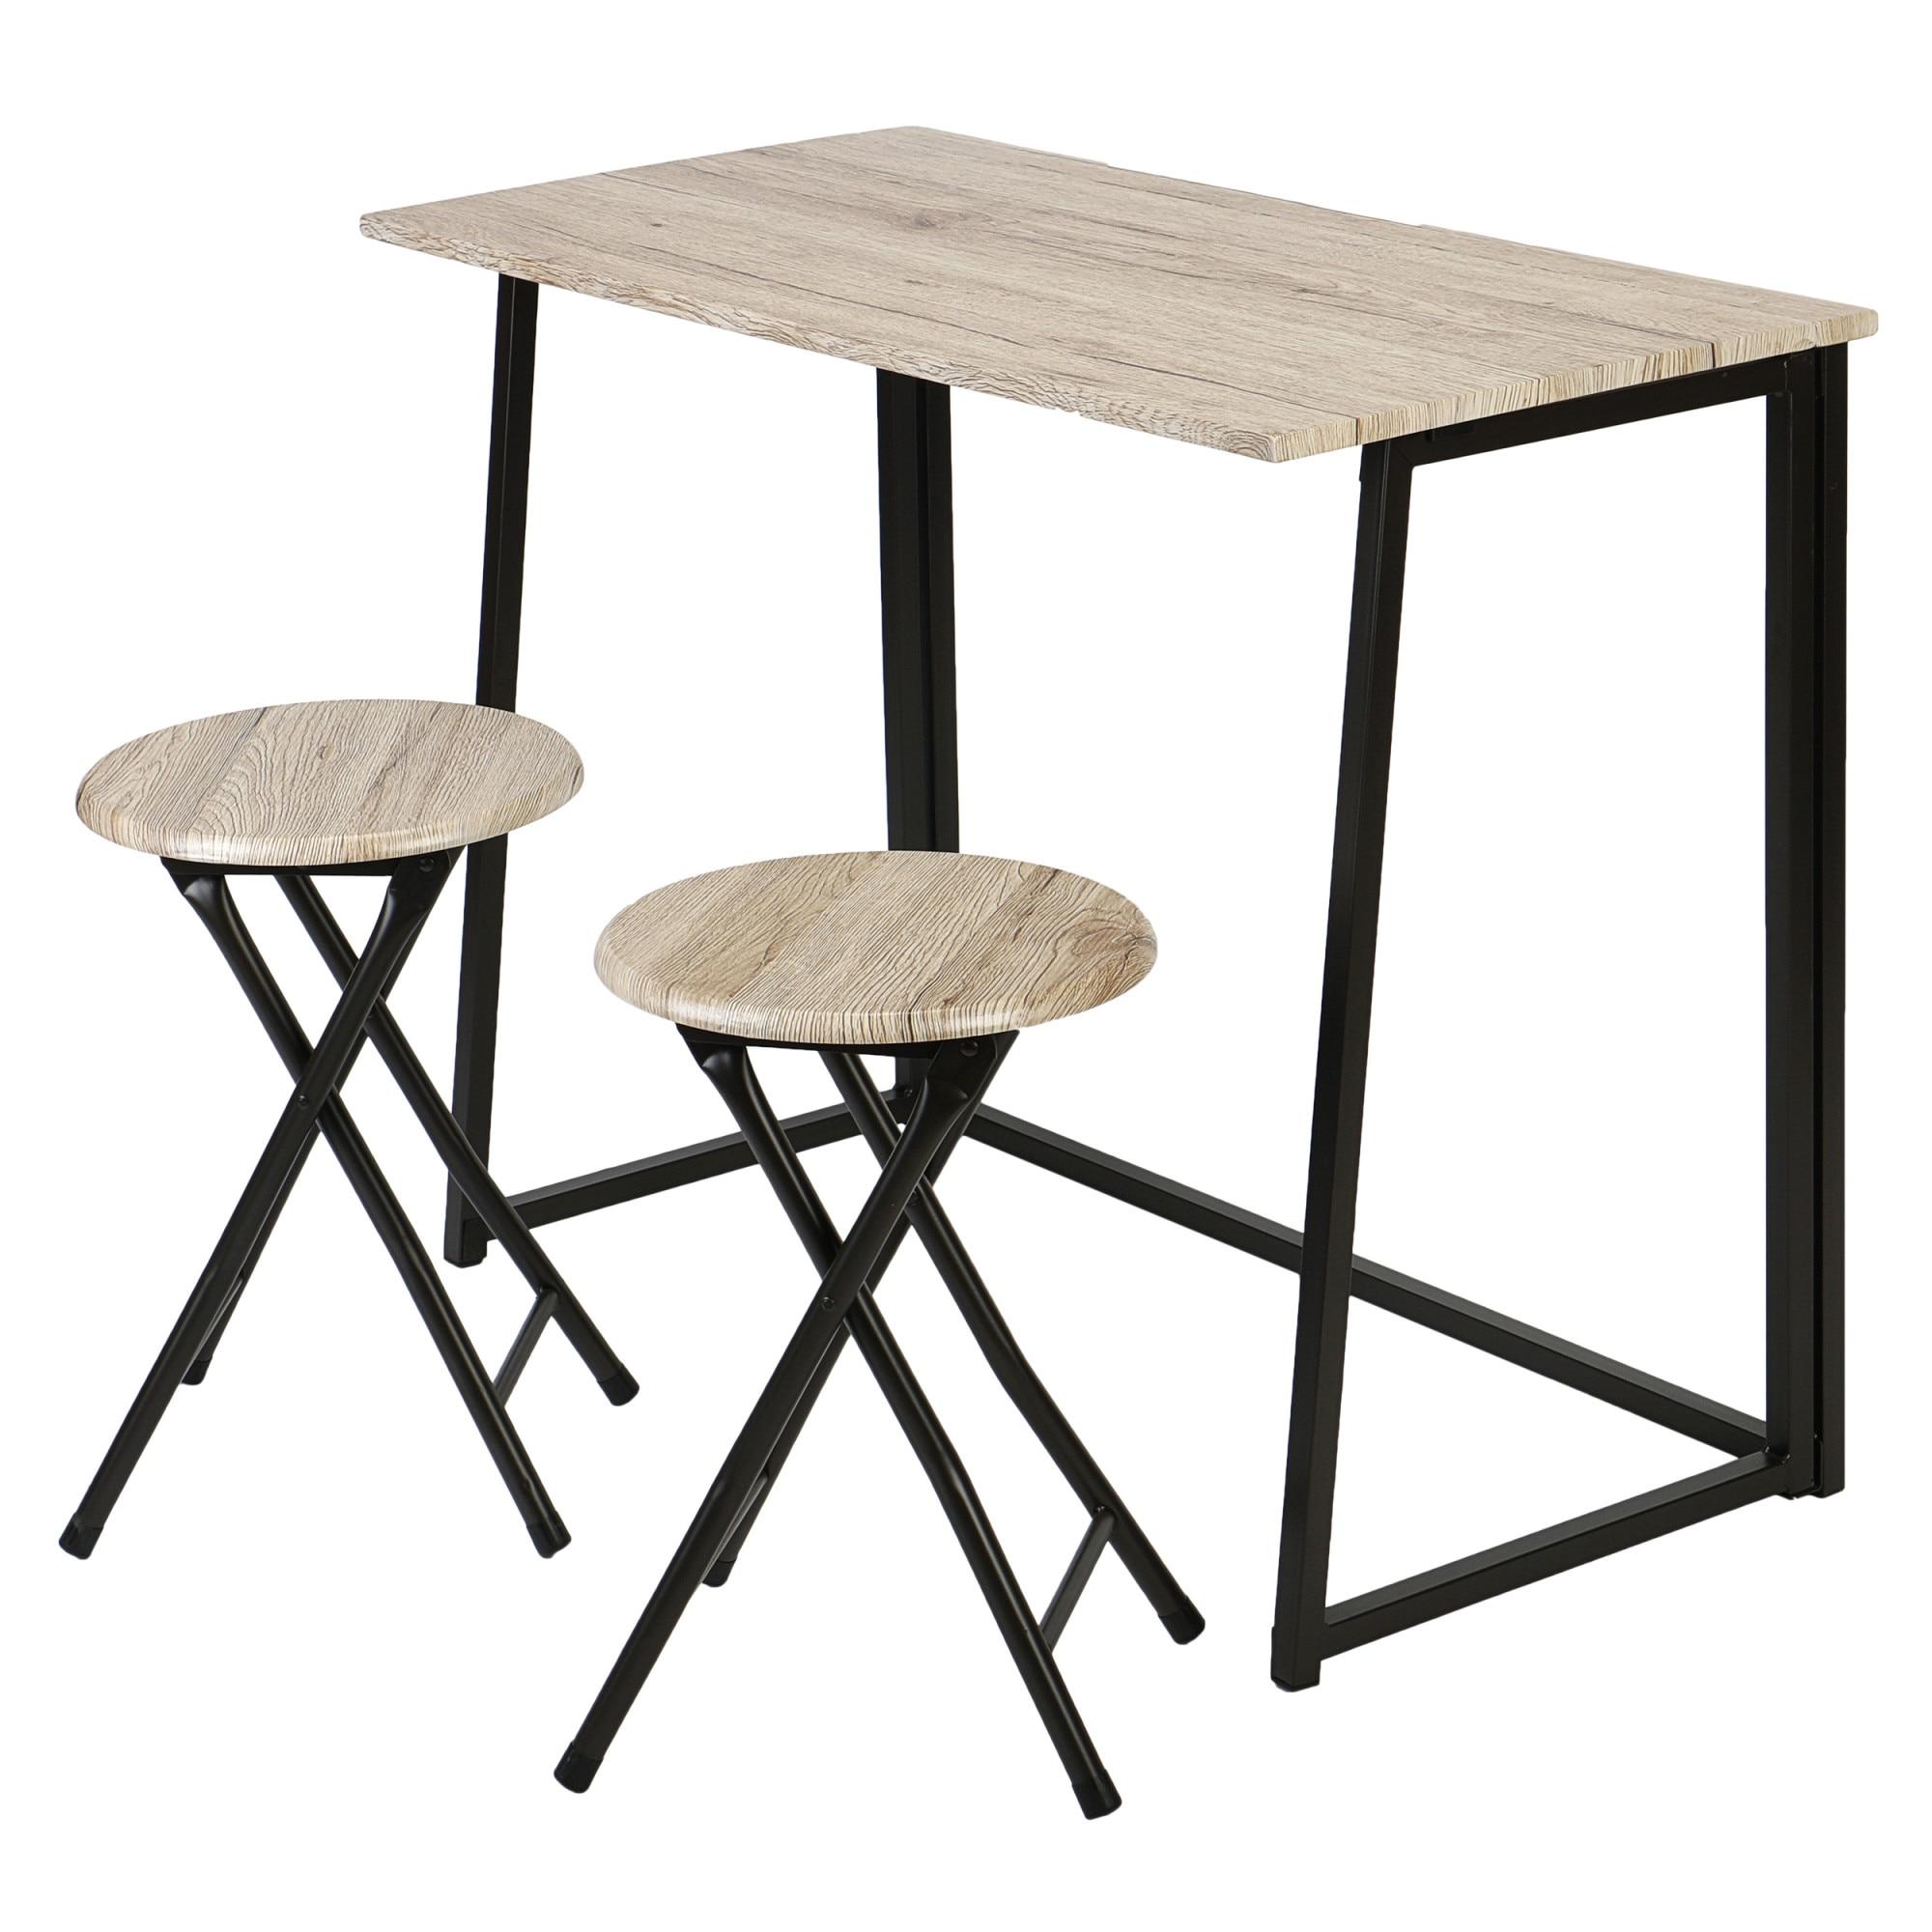 Kring Bavaria Étkező szett: Asztal + 2 szék, Összecsukható, Sonoma